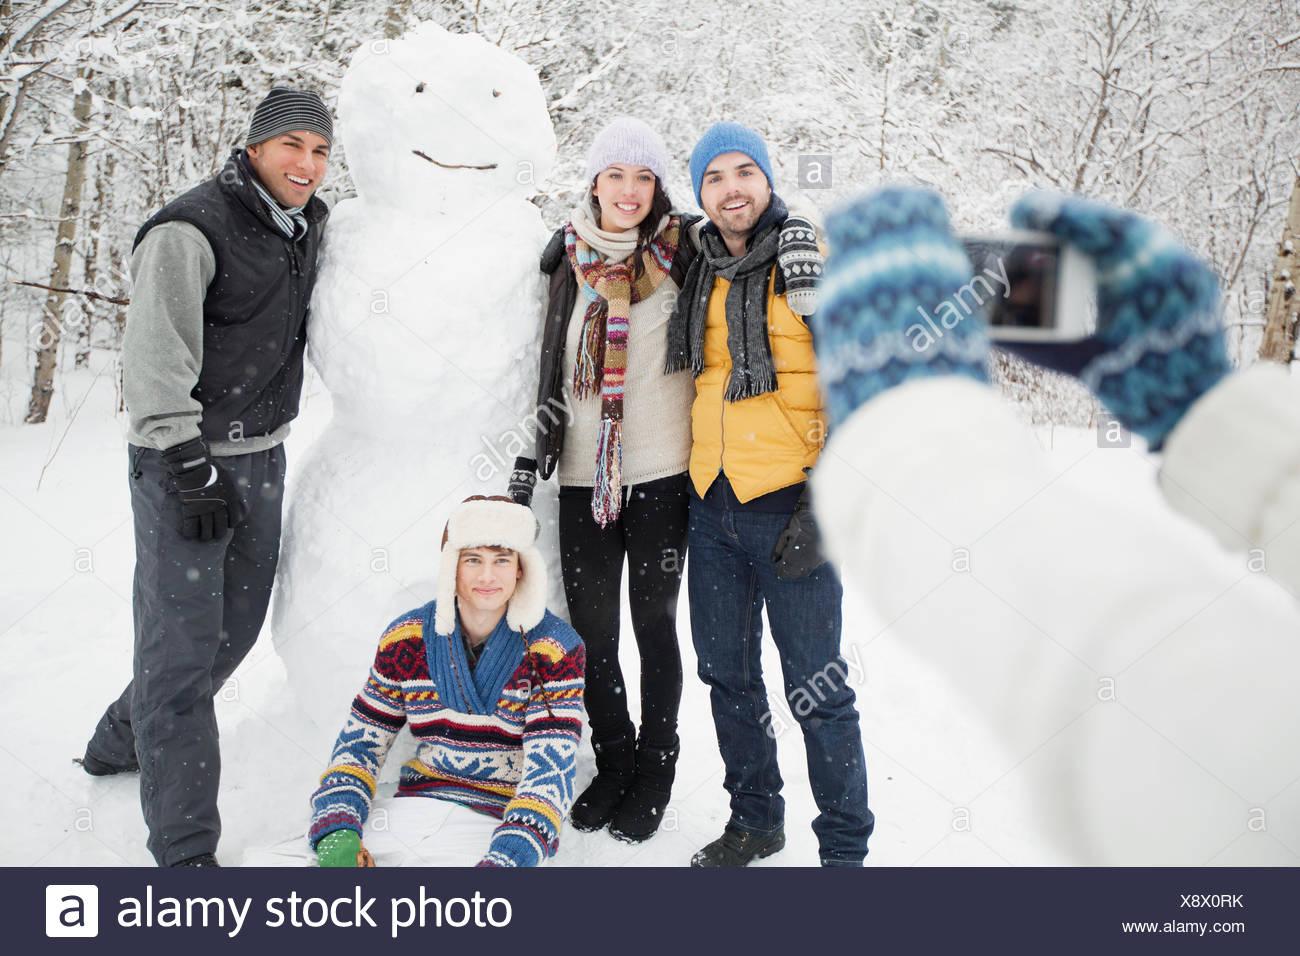 Tomando fotografías con el muñeco de nieve Imagen De Stock